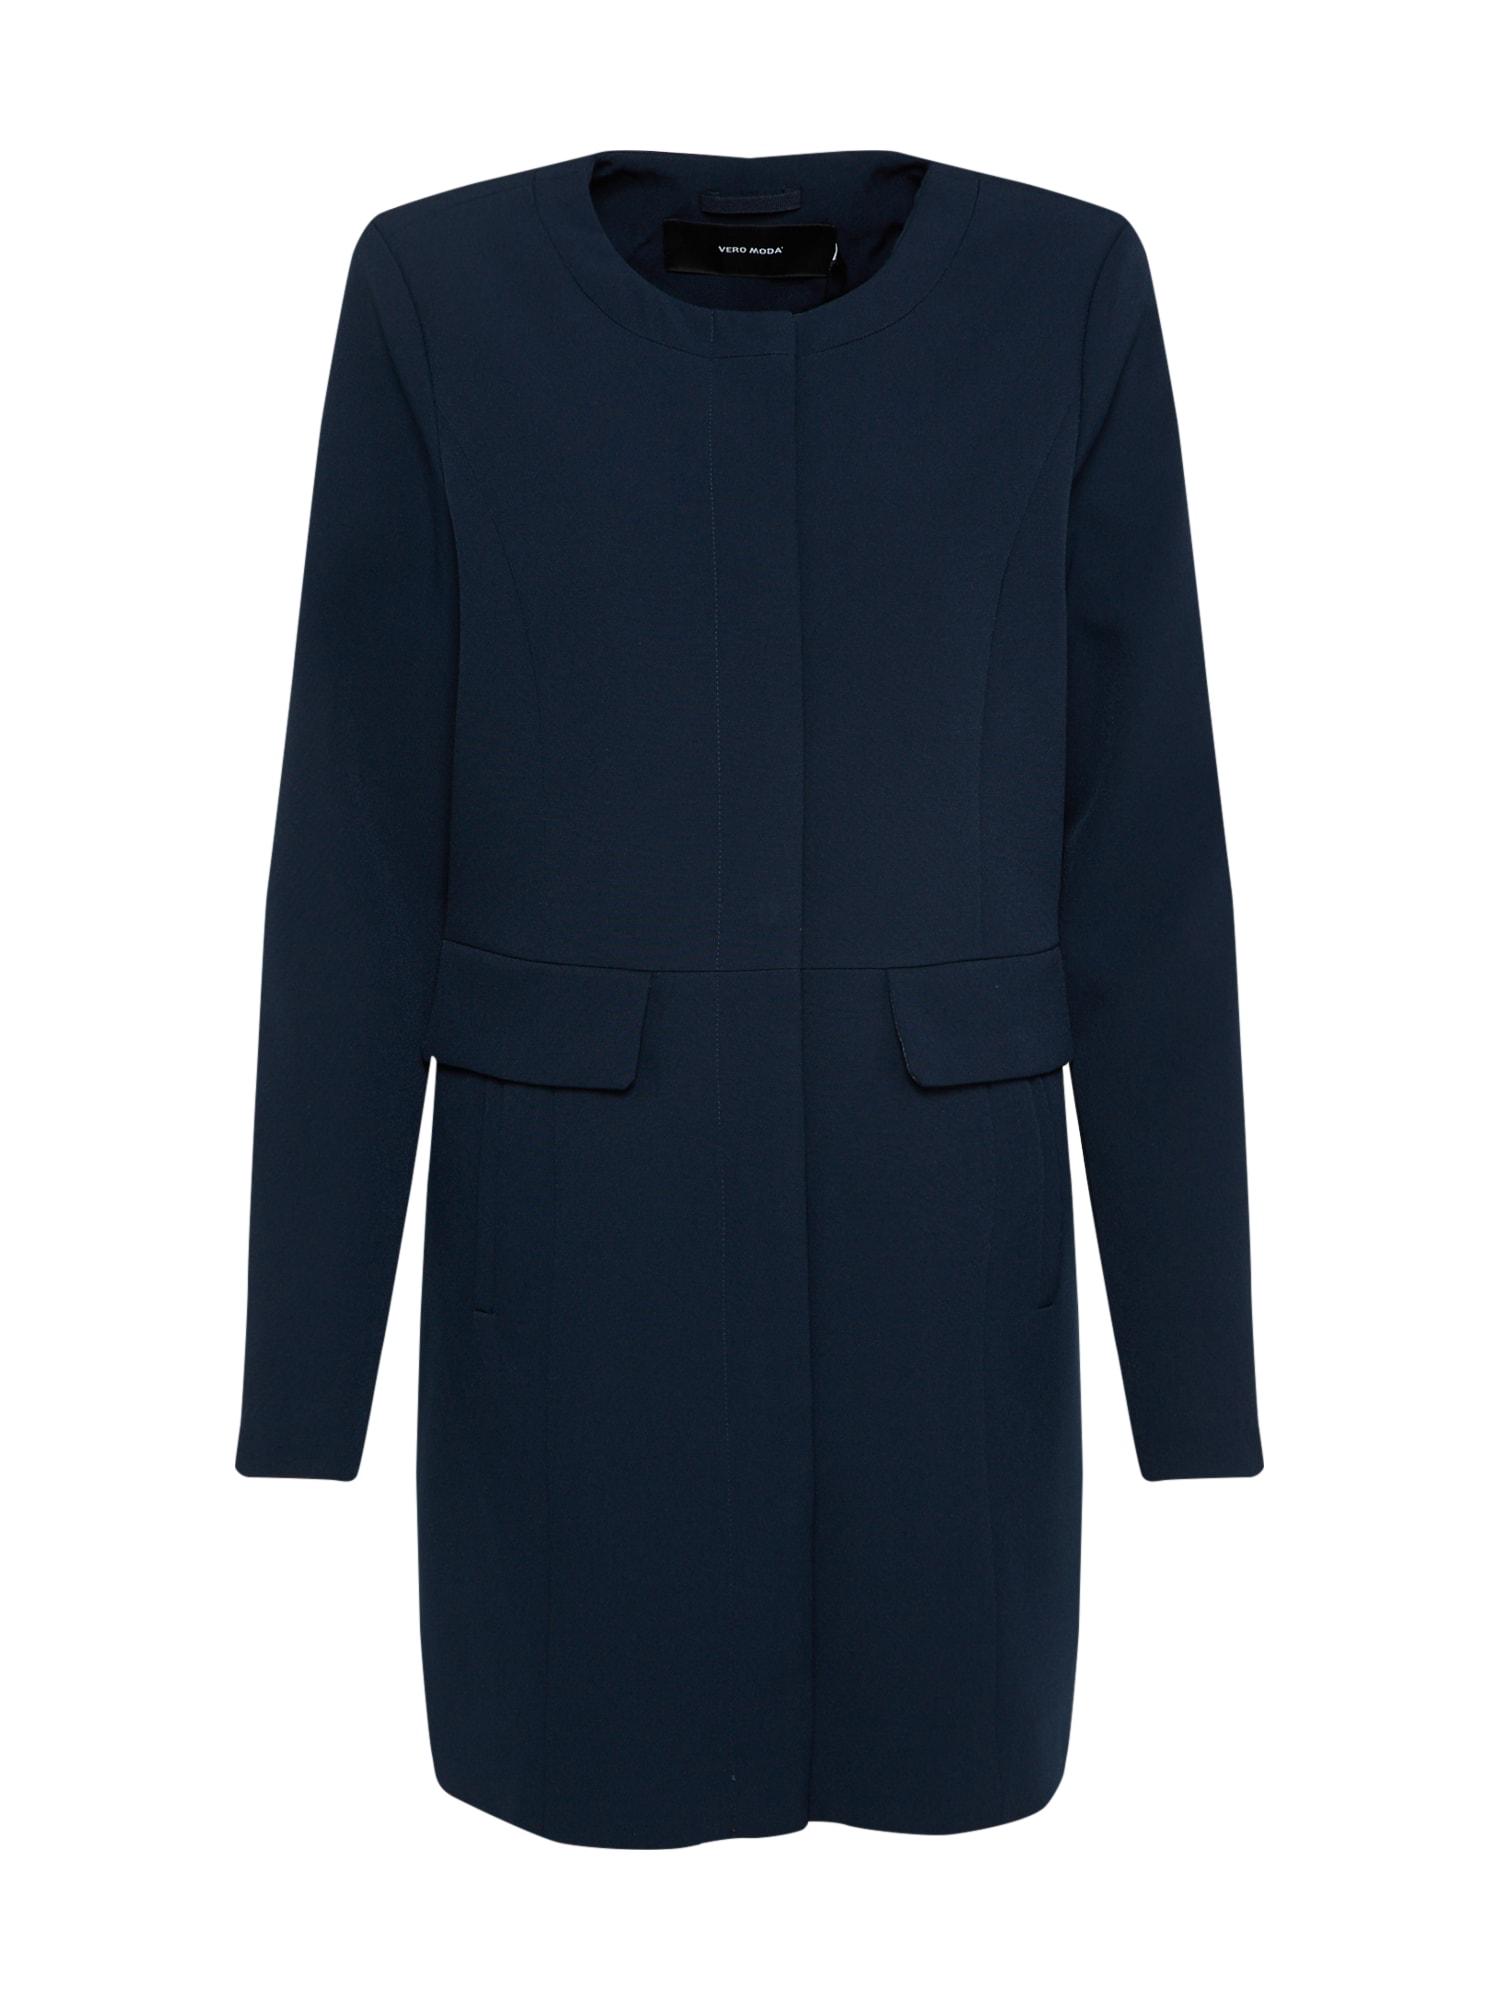 Přechodný kabát VMCANNES JOYCE tmavě modrá VERO MODA